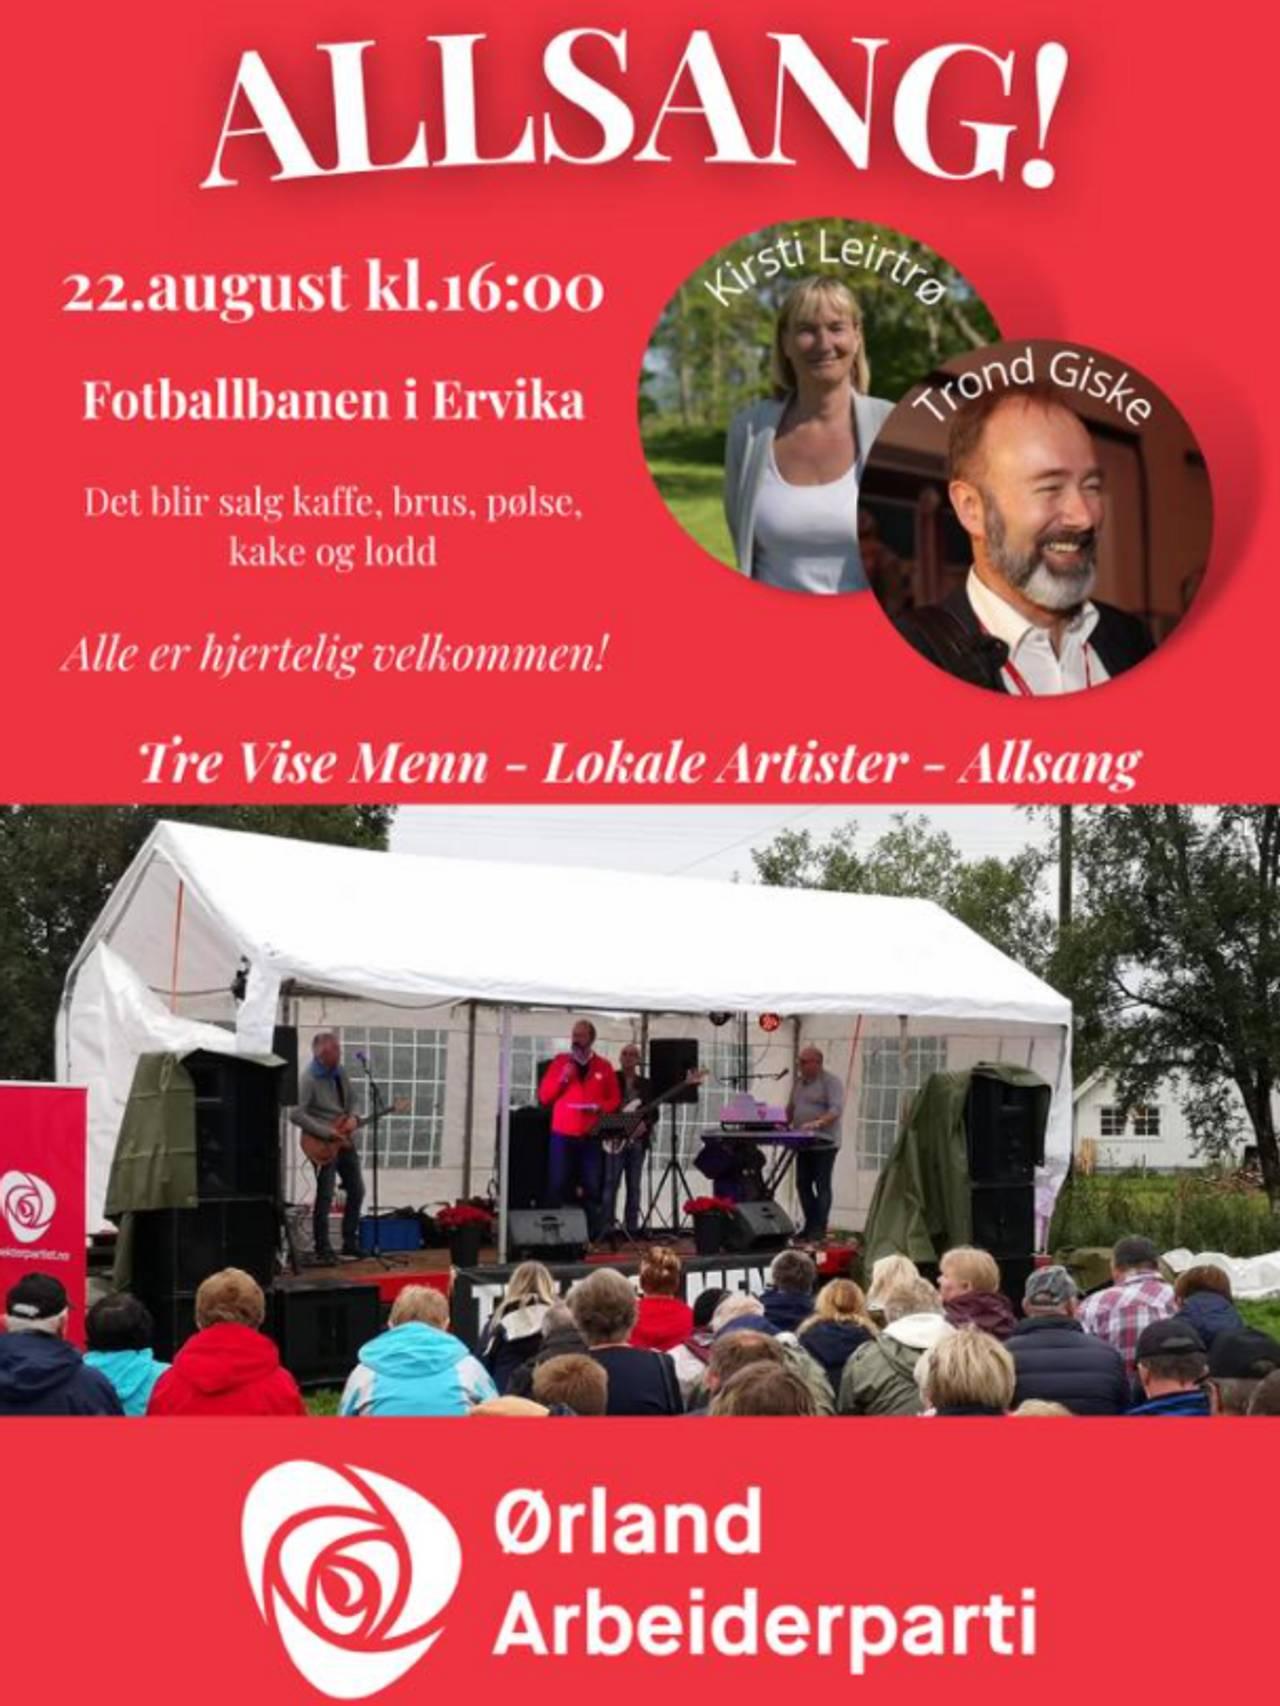 Allsang uten grenser med Trond Giske, arrangert av Ørland Arbeiderparti.